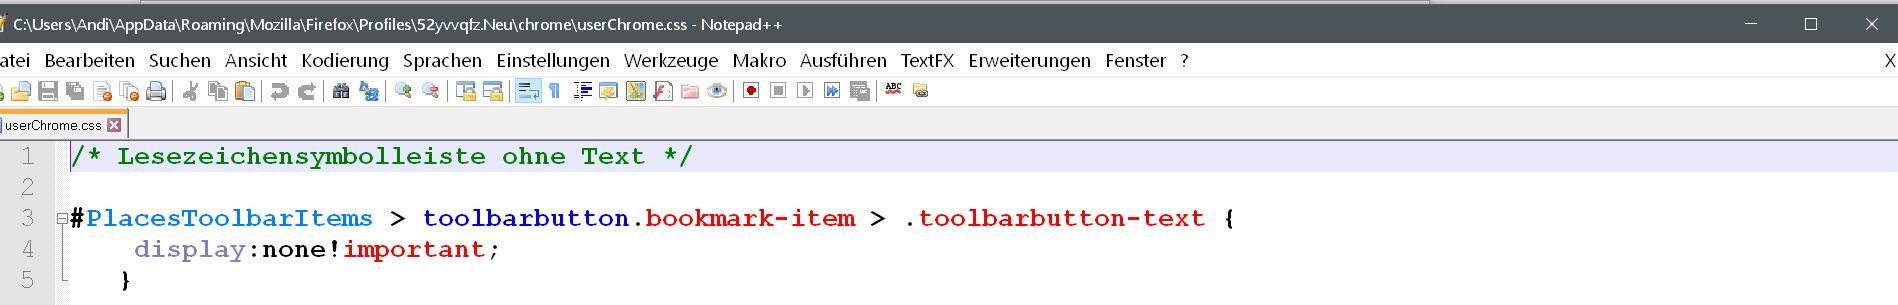 ohne text - Firefox Lesezeichensymbolleiste ohne Text anzeigen